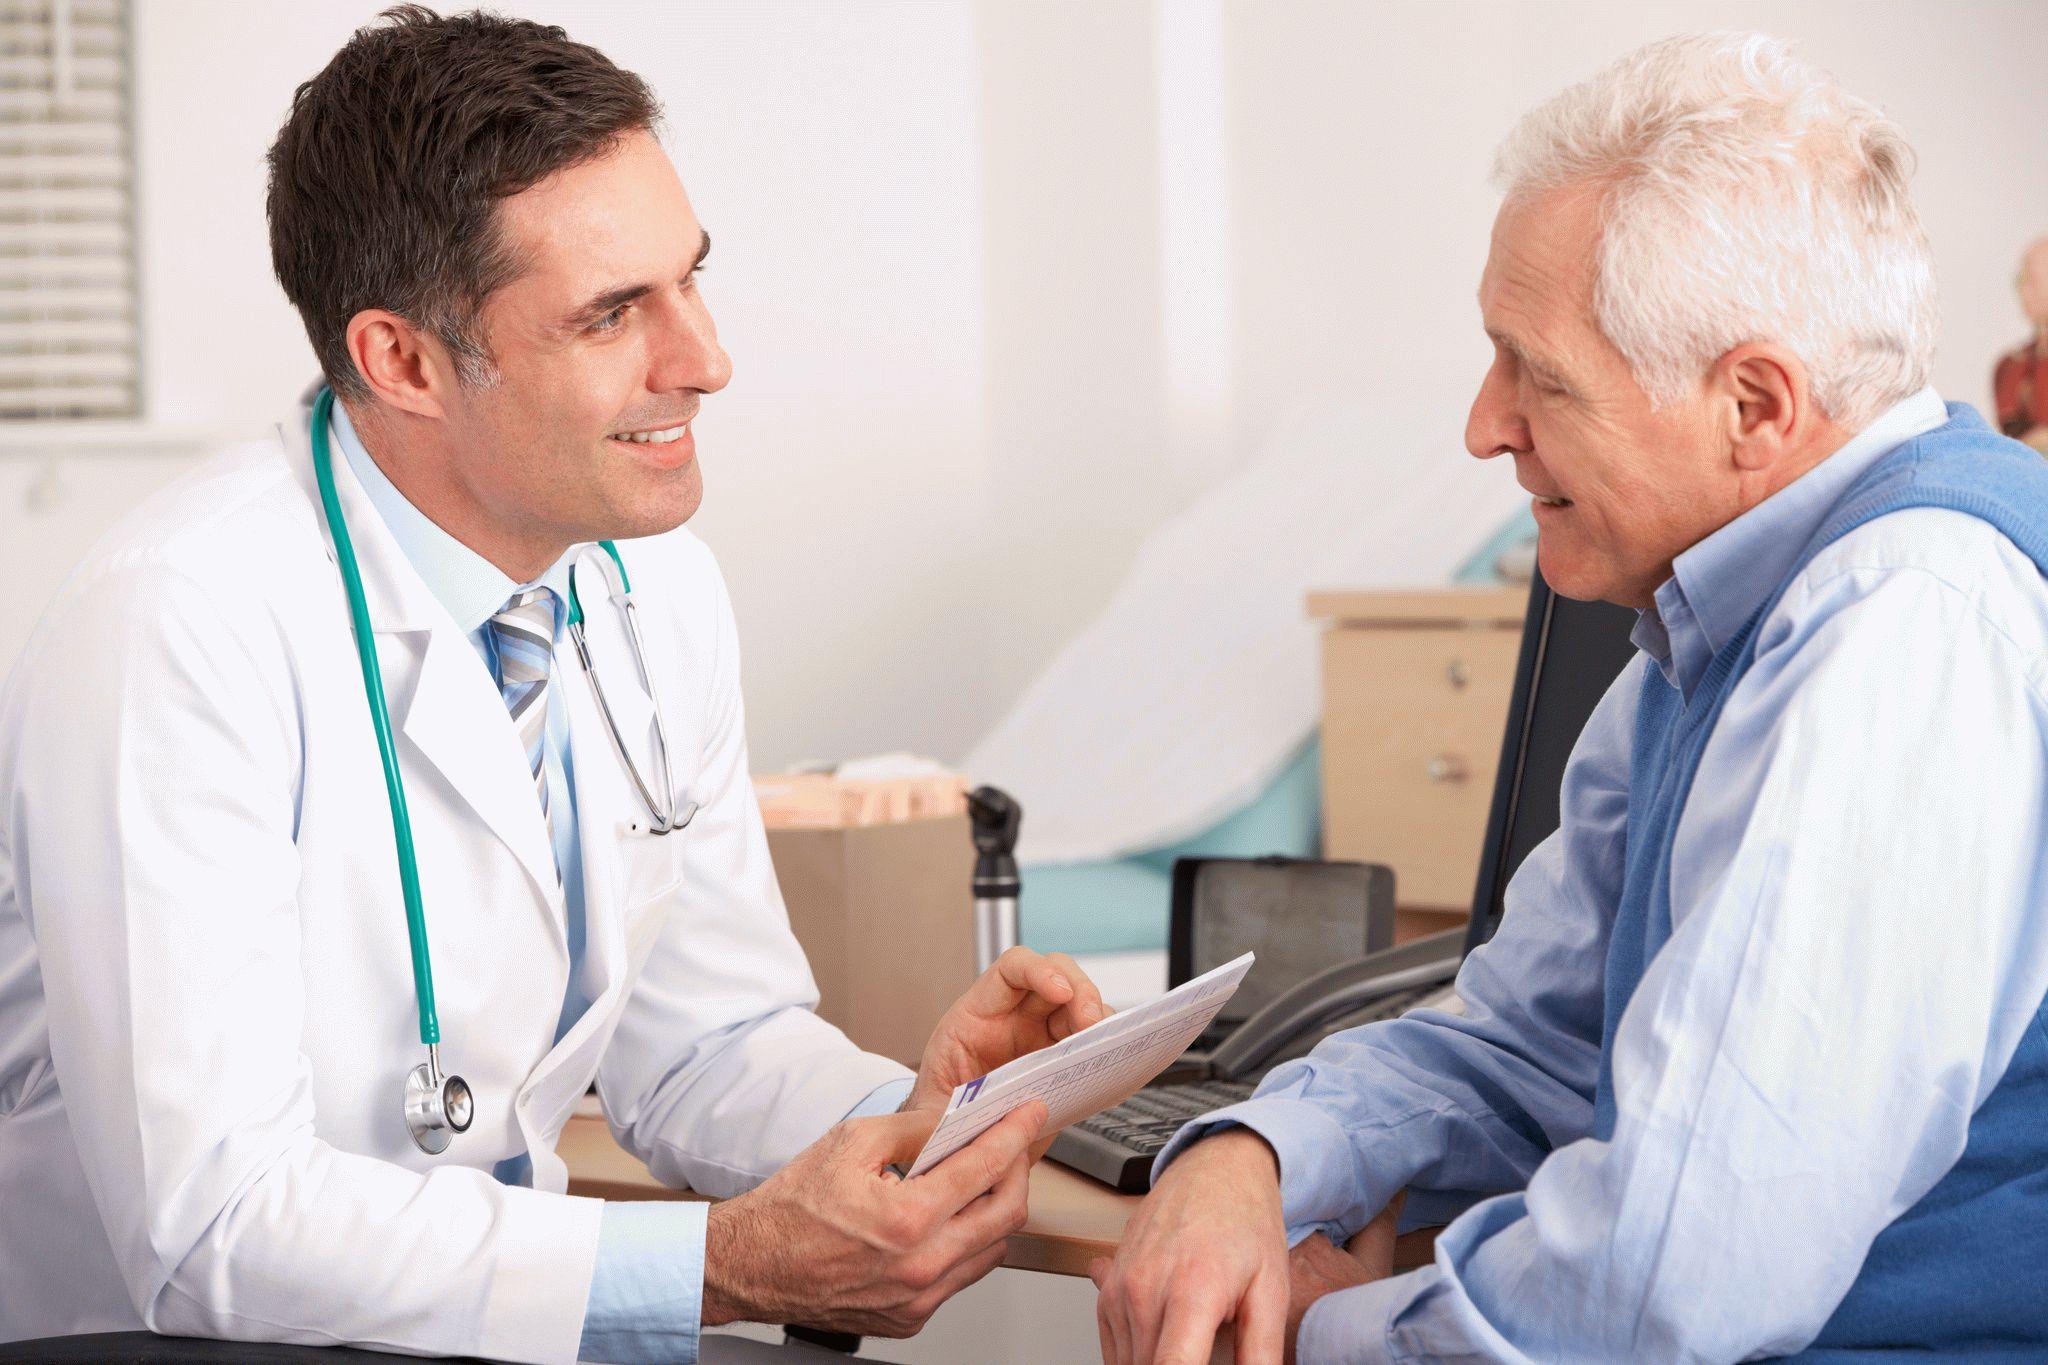 Отношения врач пациент 4 фотография